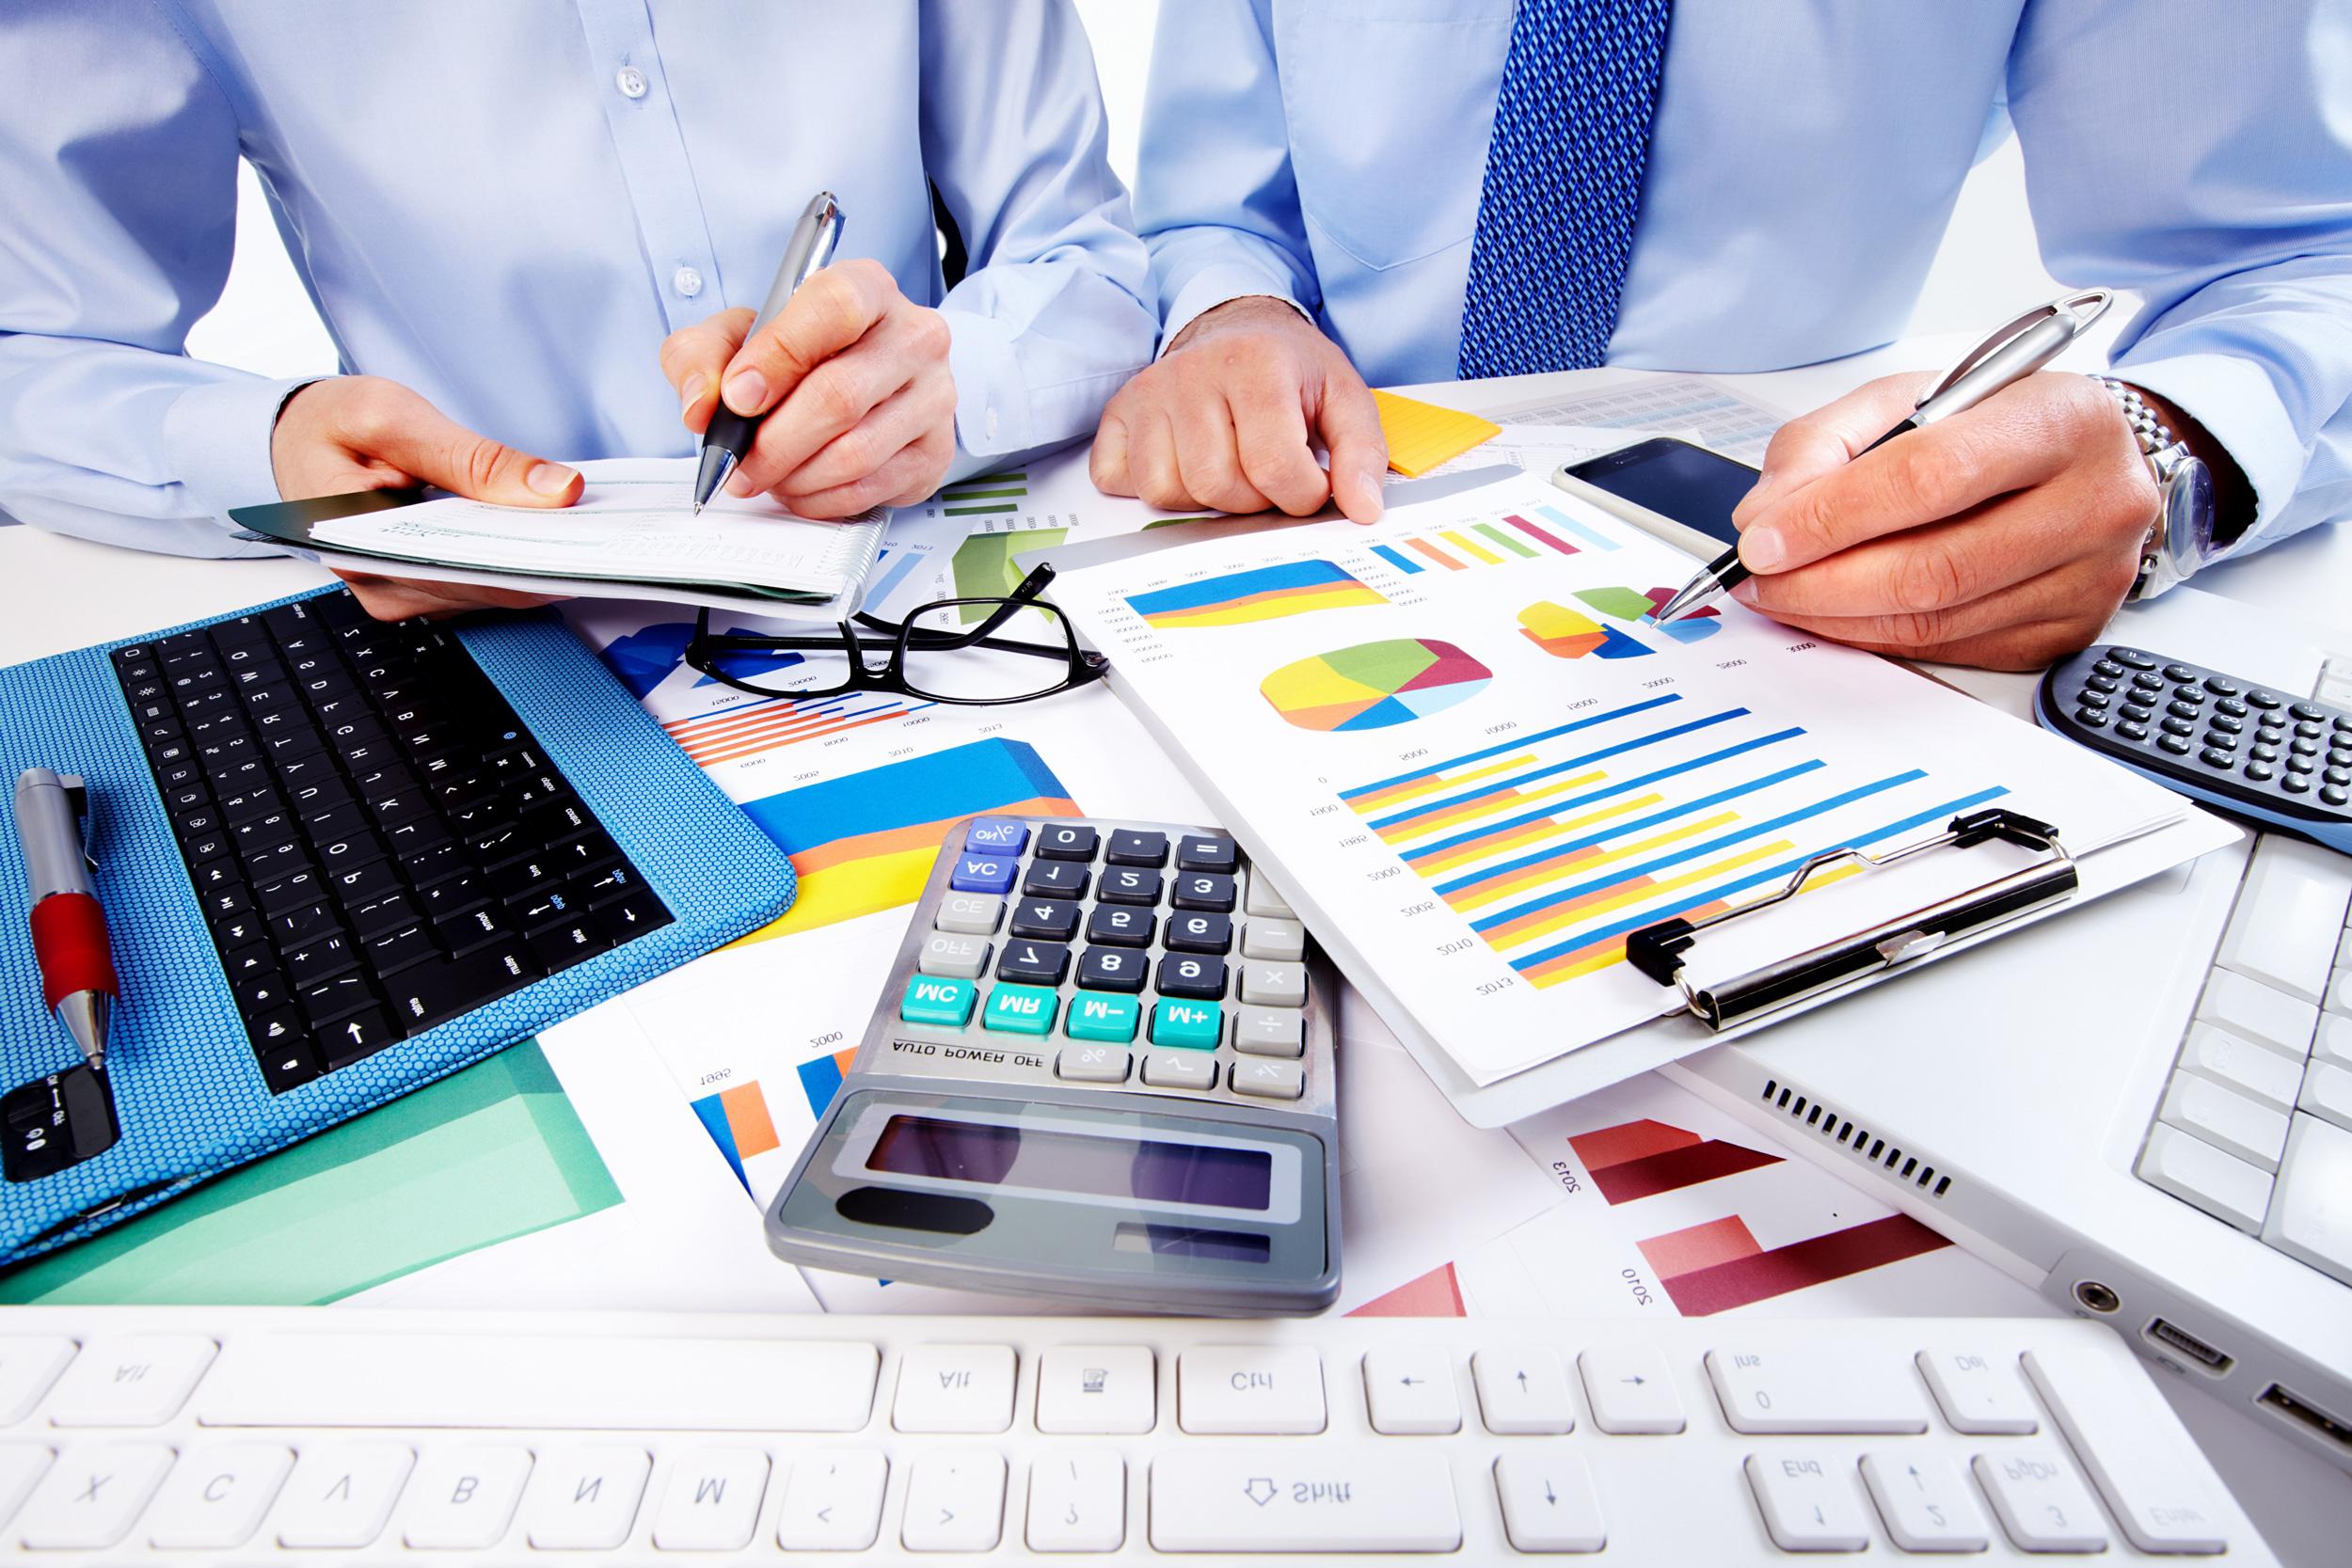 5 Instant Cash Flow Factors For Business Success Has Just Gone Viral!